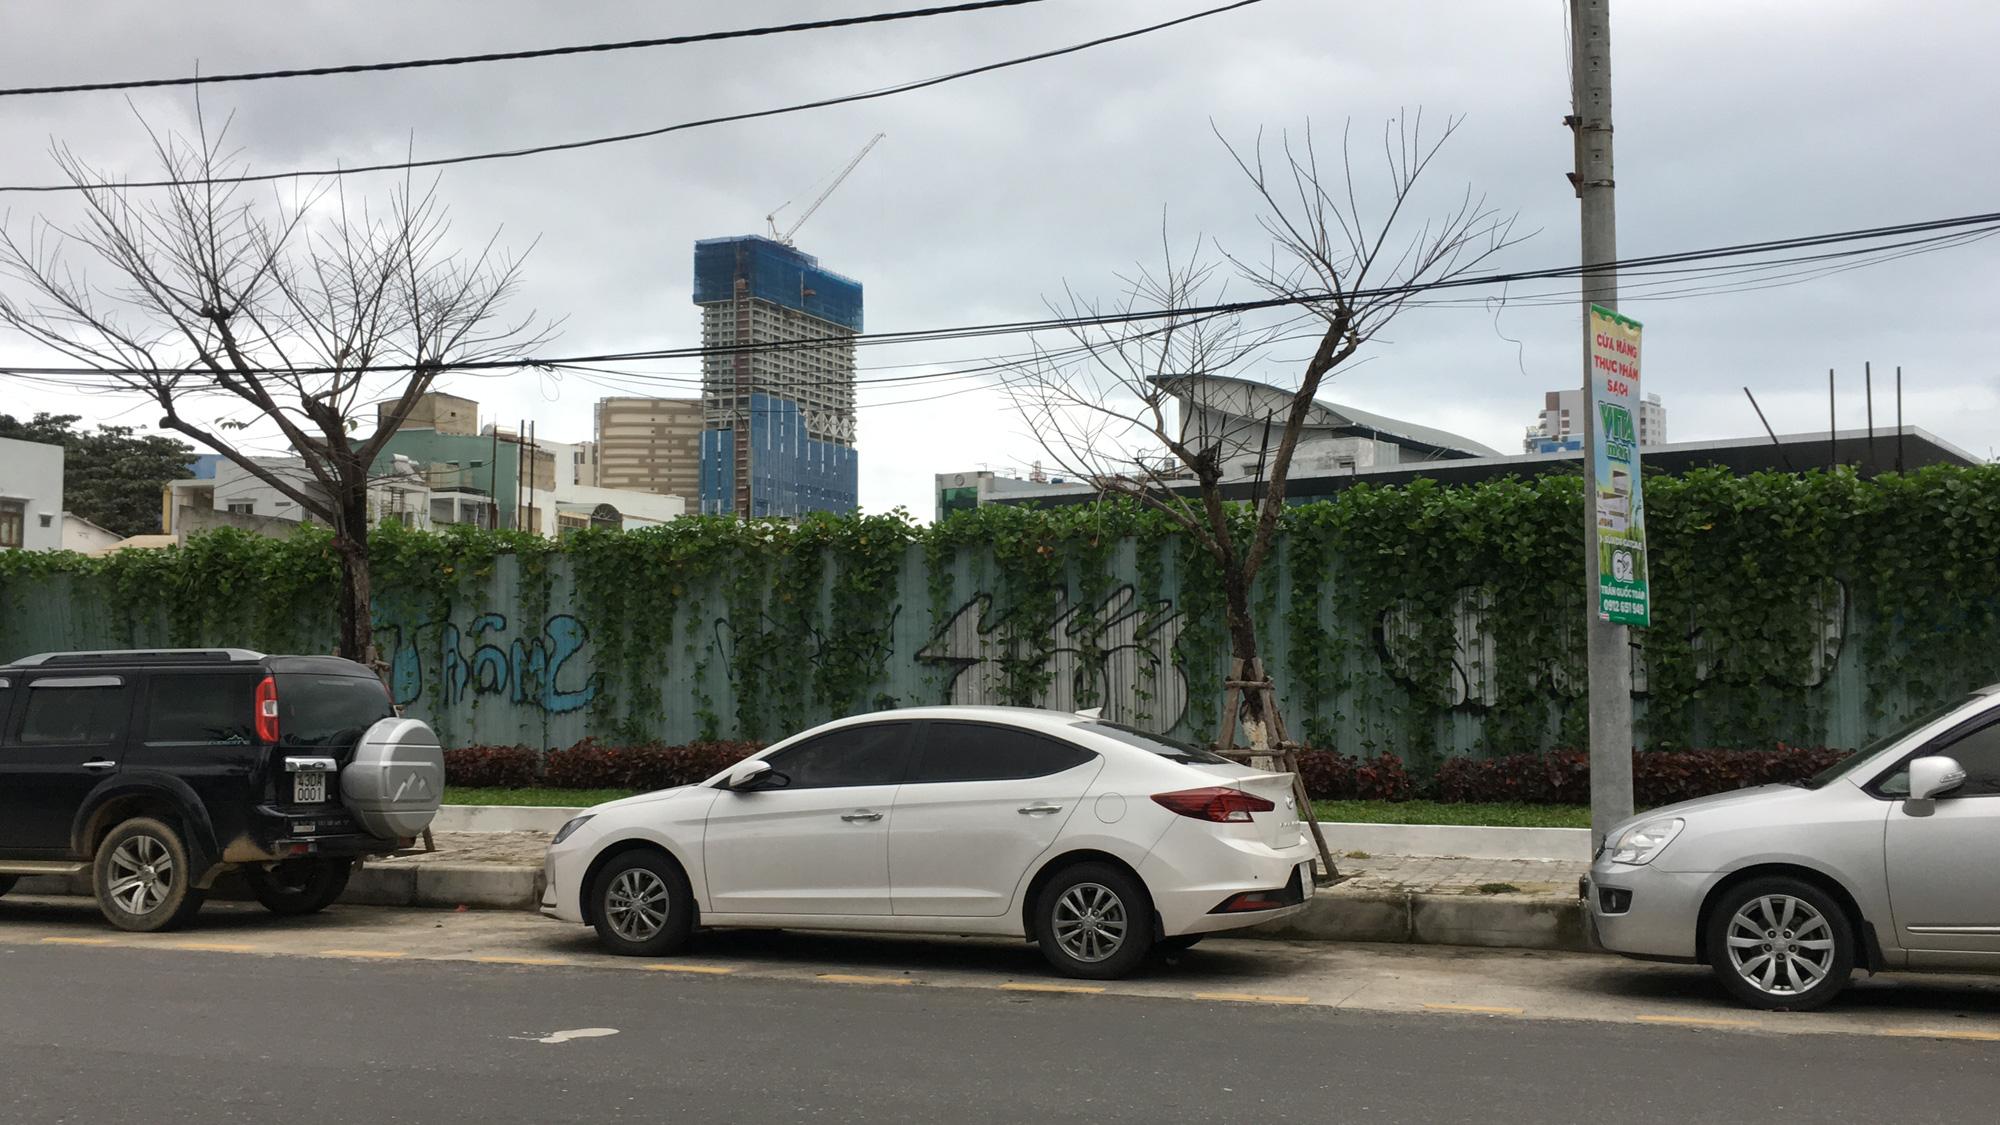 Hai khu đất làm vườn dạo, bãi đỗ xe ngầm trung tâm Đà Nẵng bao giờ 'khởi động'? - Ảnh 2.